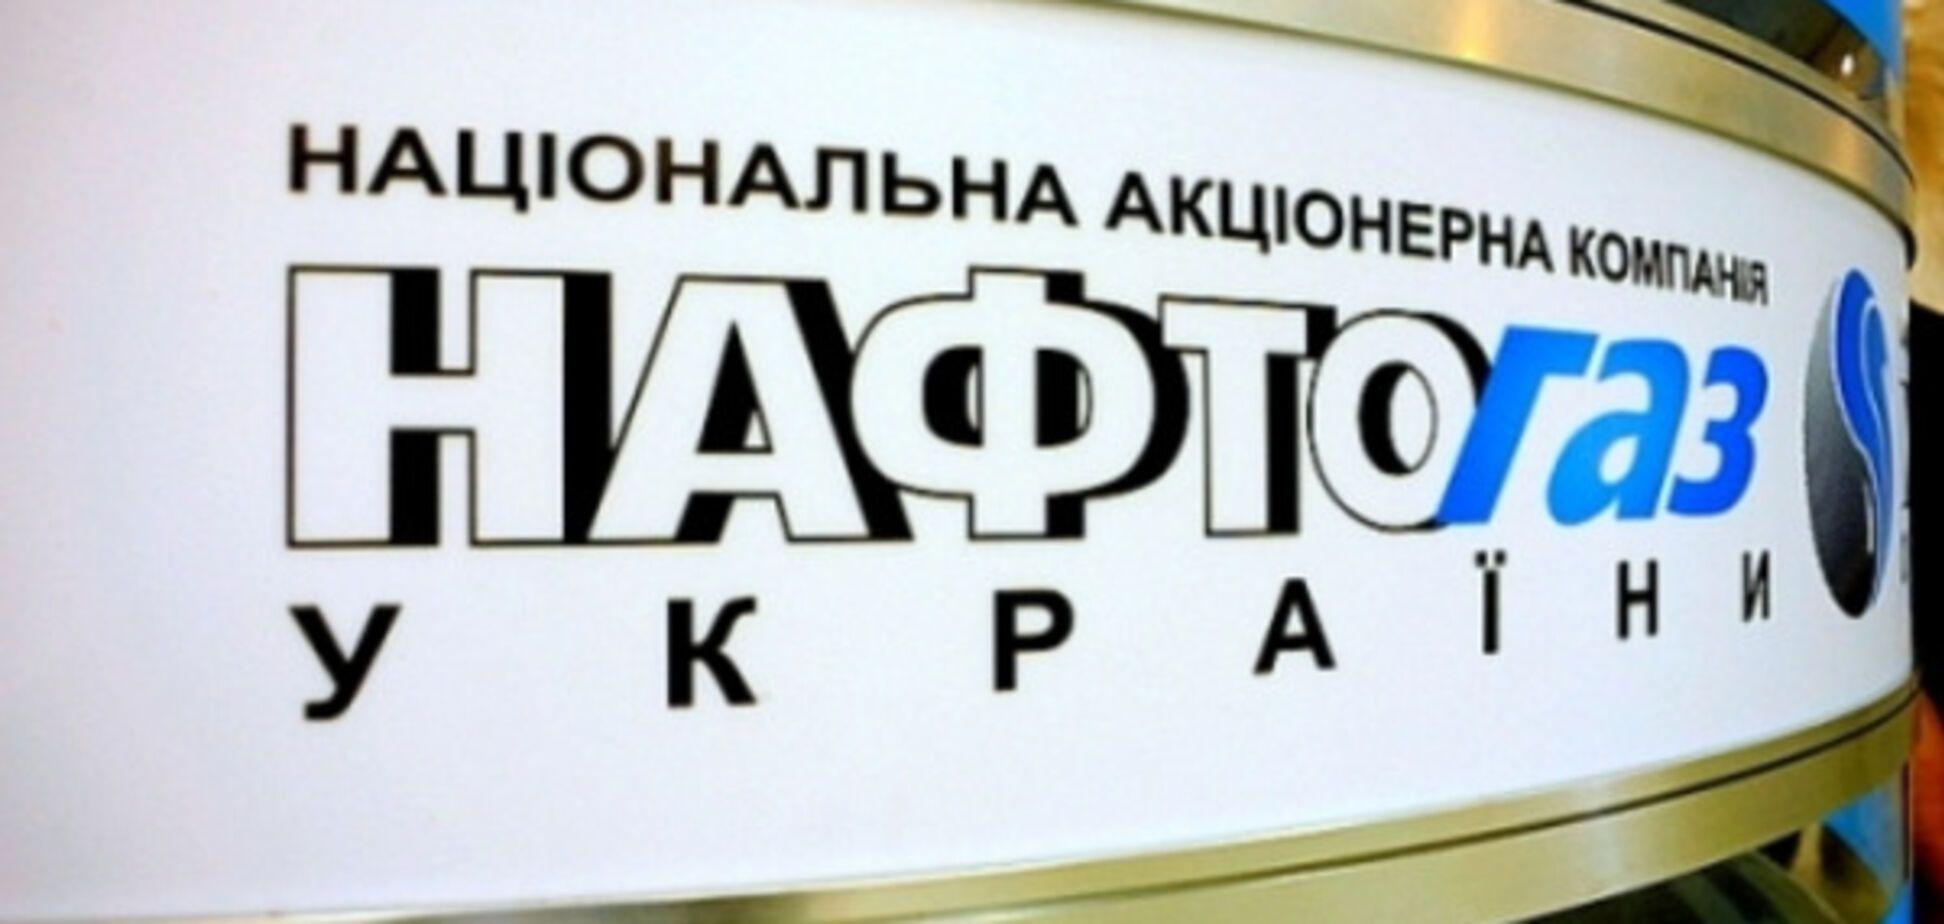 Нафтогаз Україна